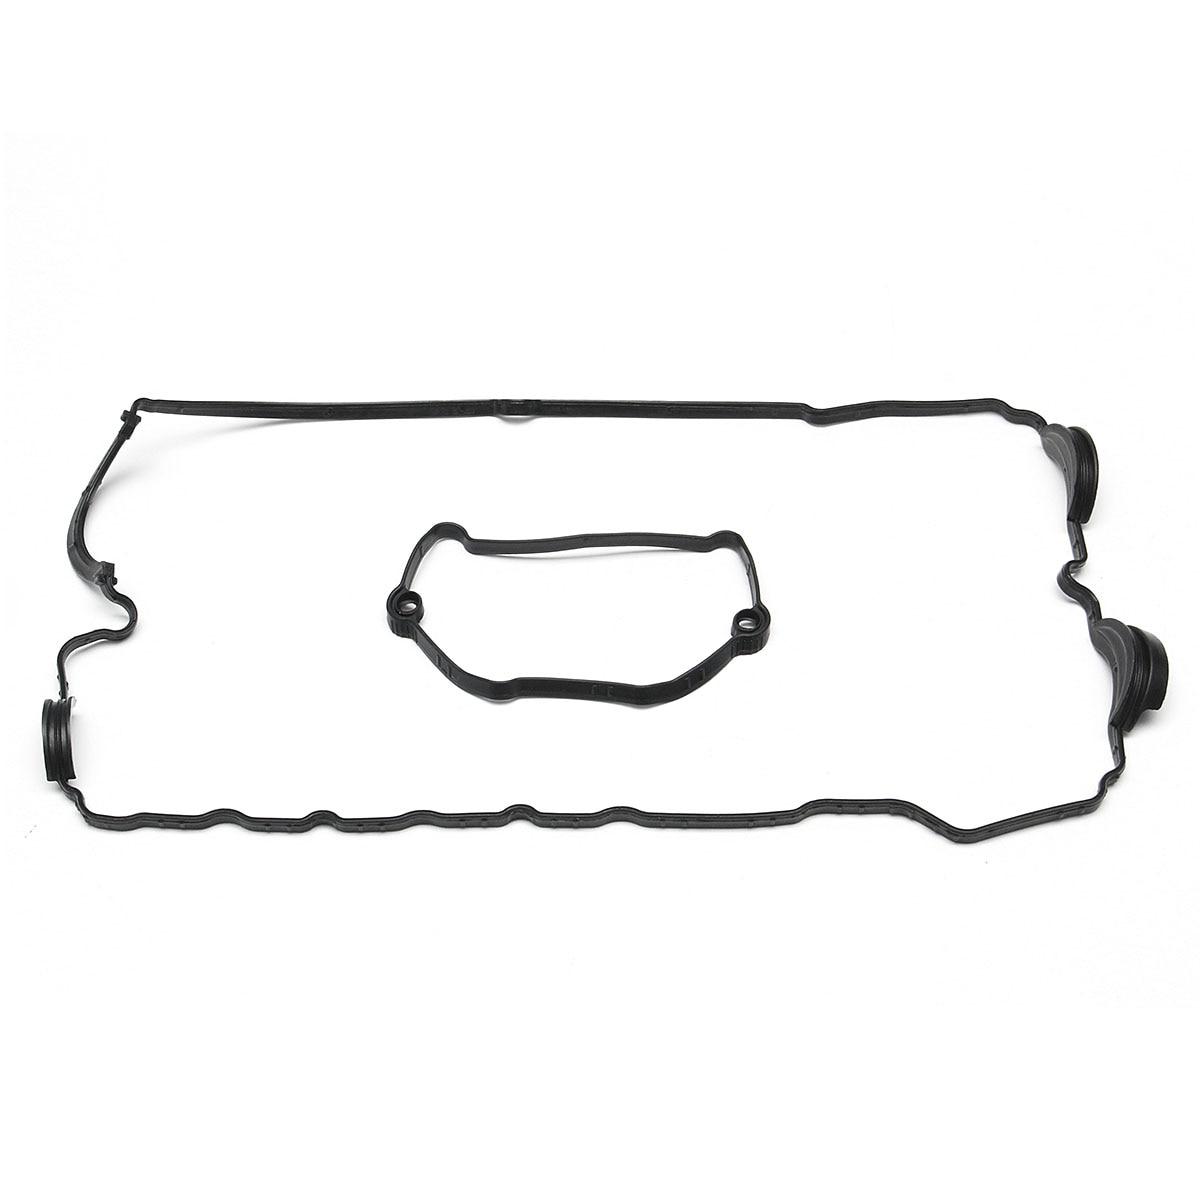 1 Set Plastic Valve Rocker Cover Gasket For Bmw E82 E90